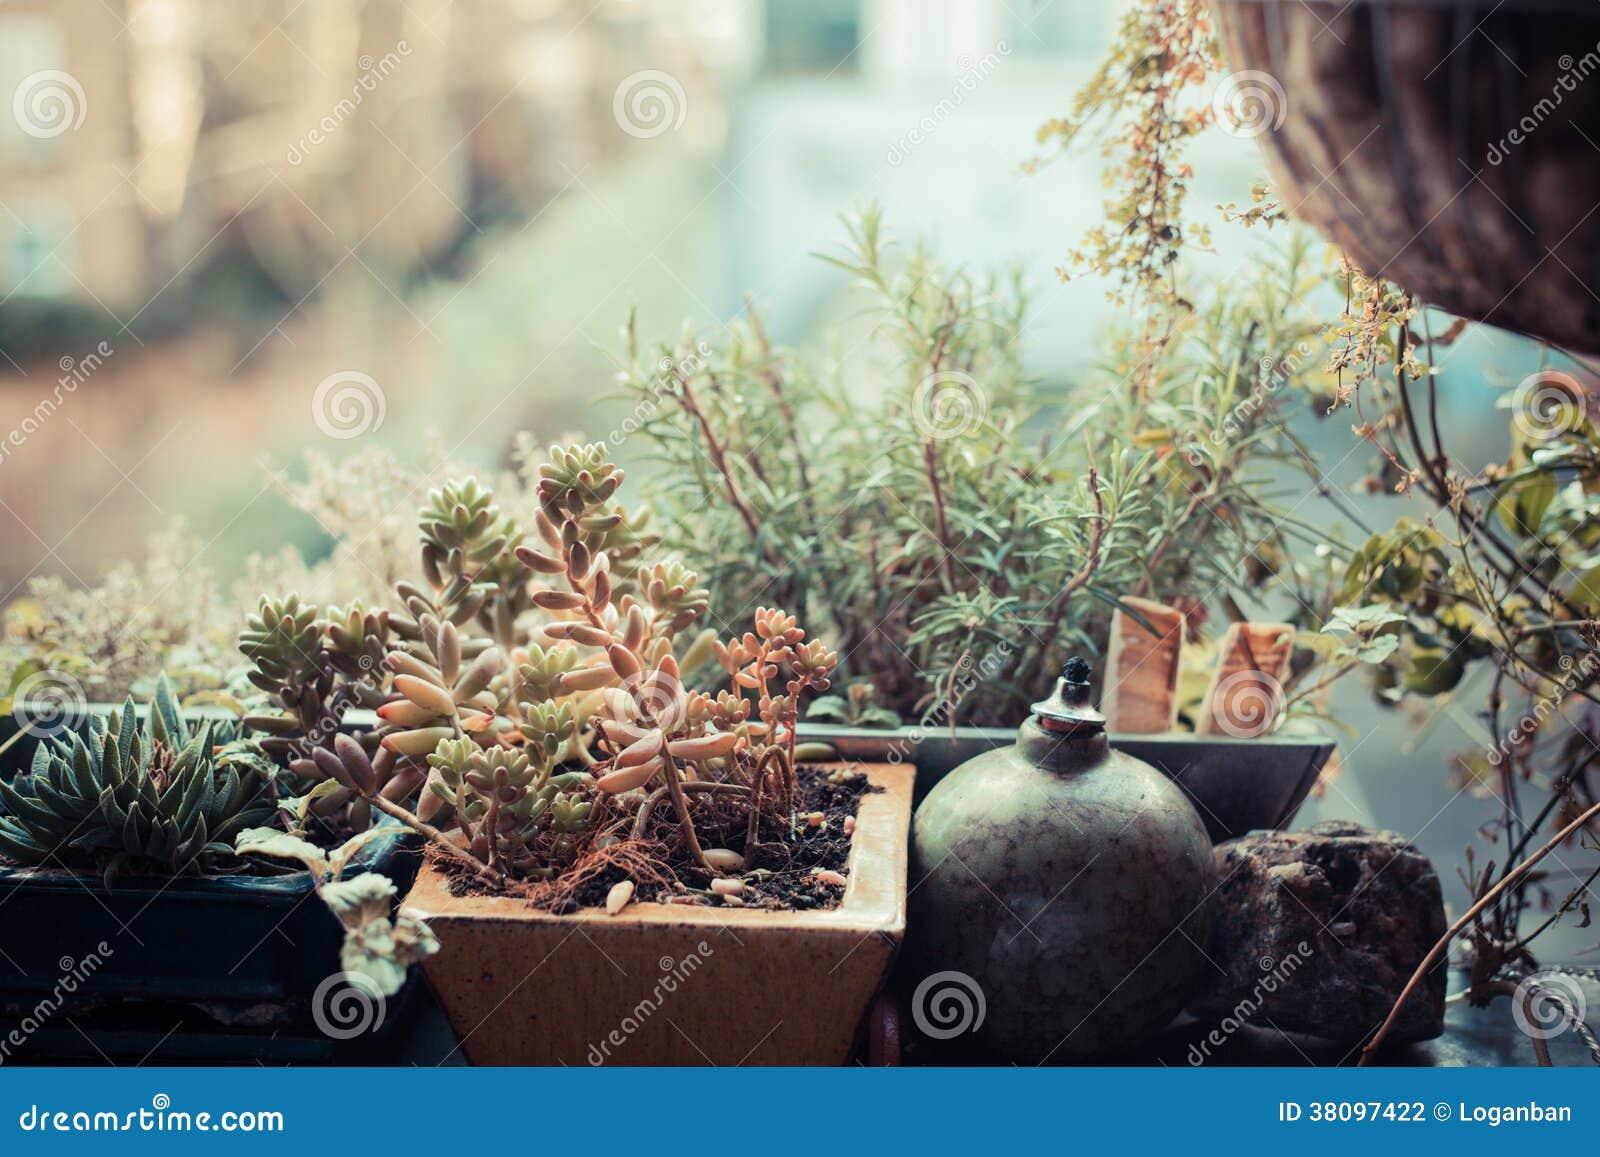 Piccolo Giardino Sul Balcone : Piccolo giardino sul balcone fotografia stock immagine di